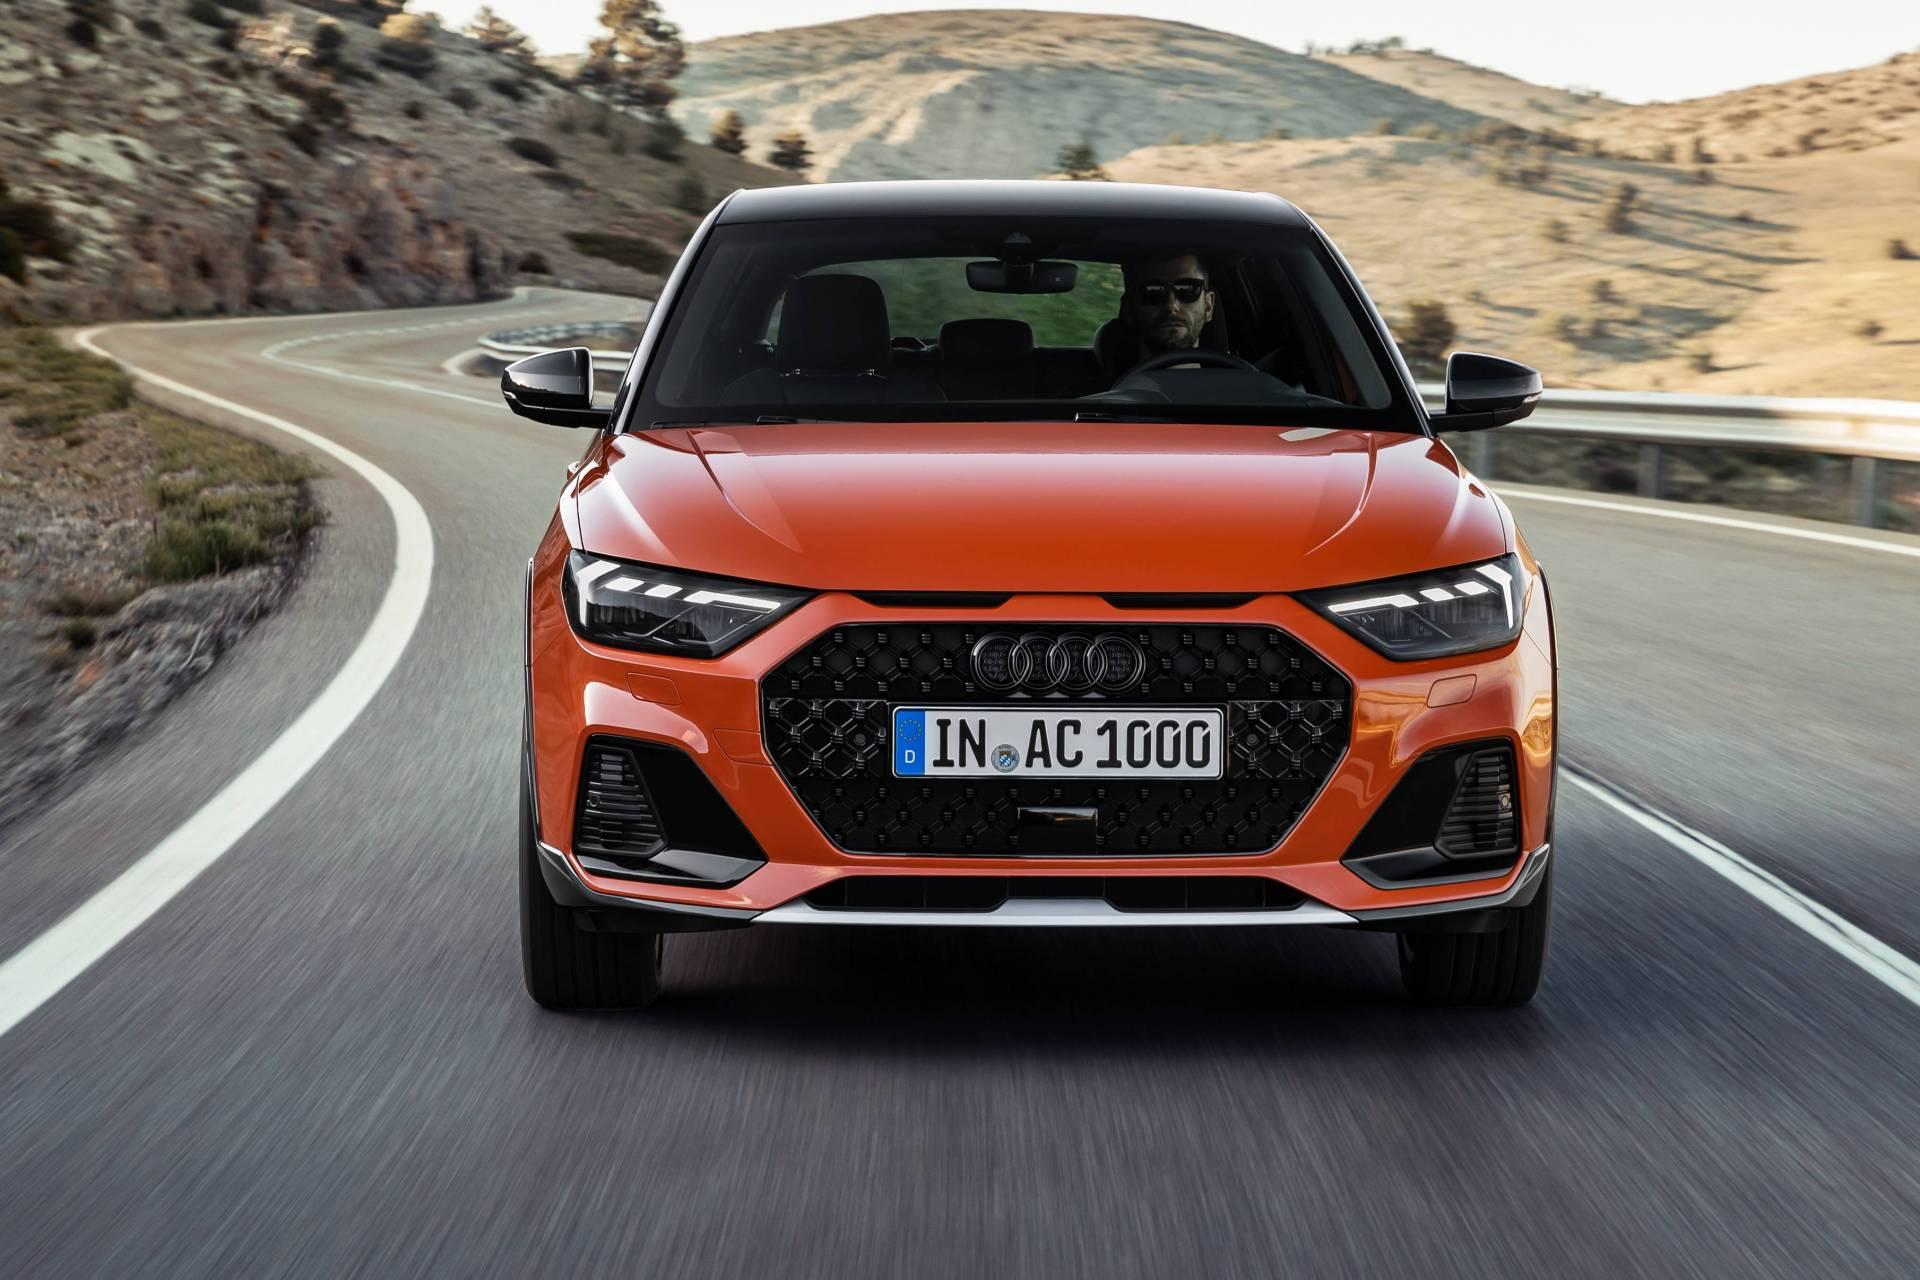 Audi A1 Citycarver 2020 ra mắt phiên bản hatchback gầm cao, tiện dụng cho đô thị - 4